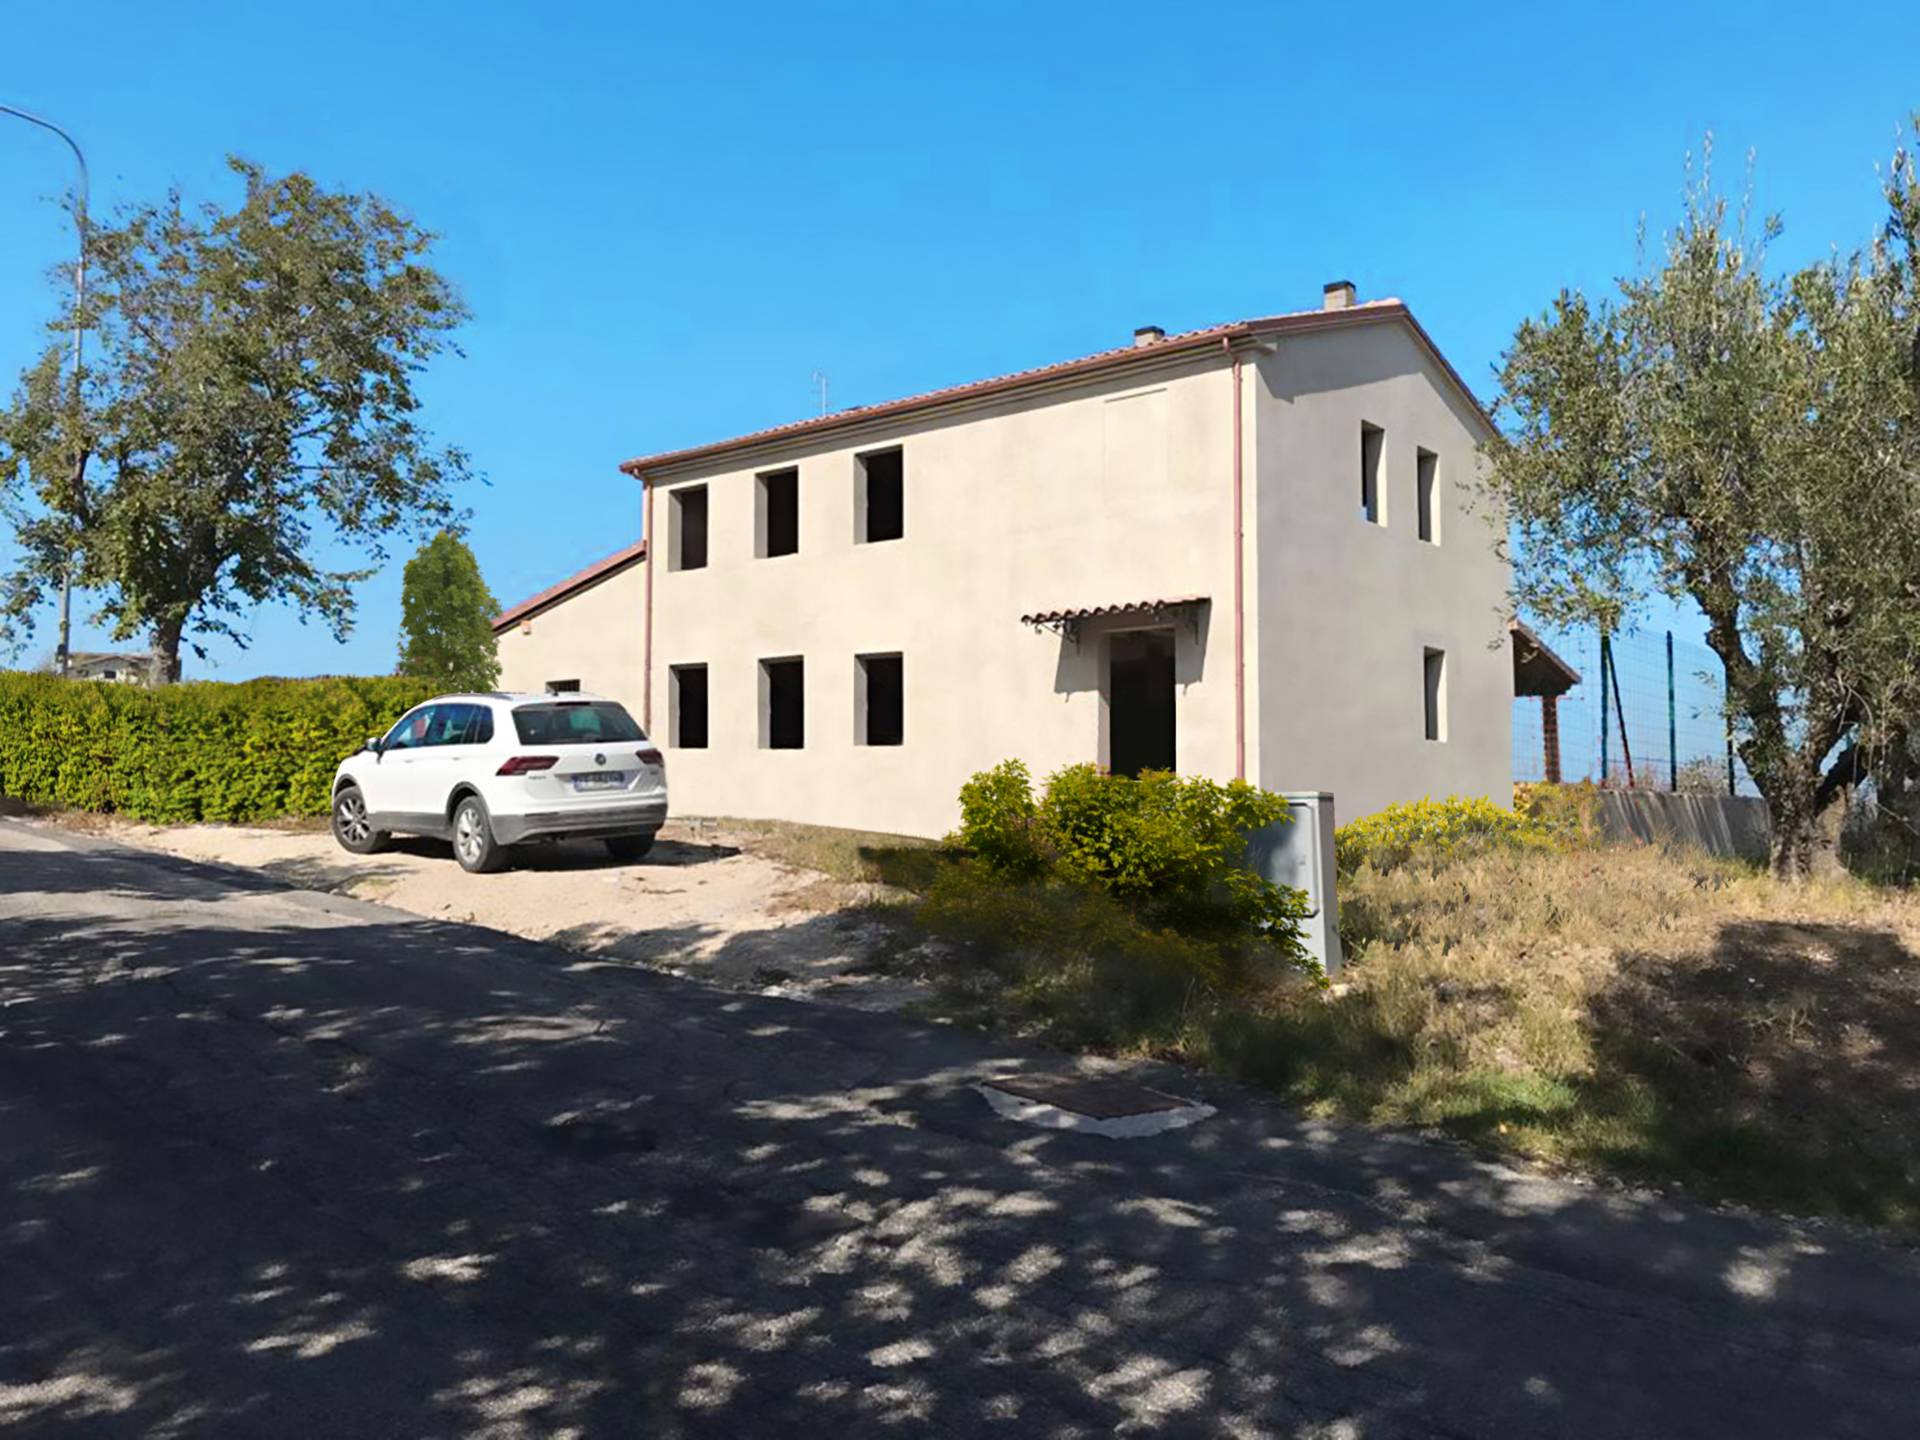 Casale a San Costanzo (Pesaro e Urbino)